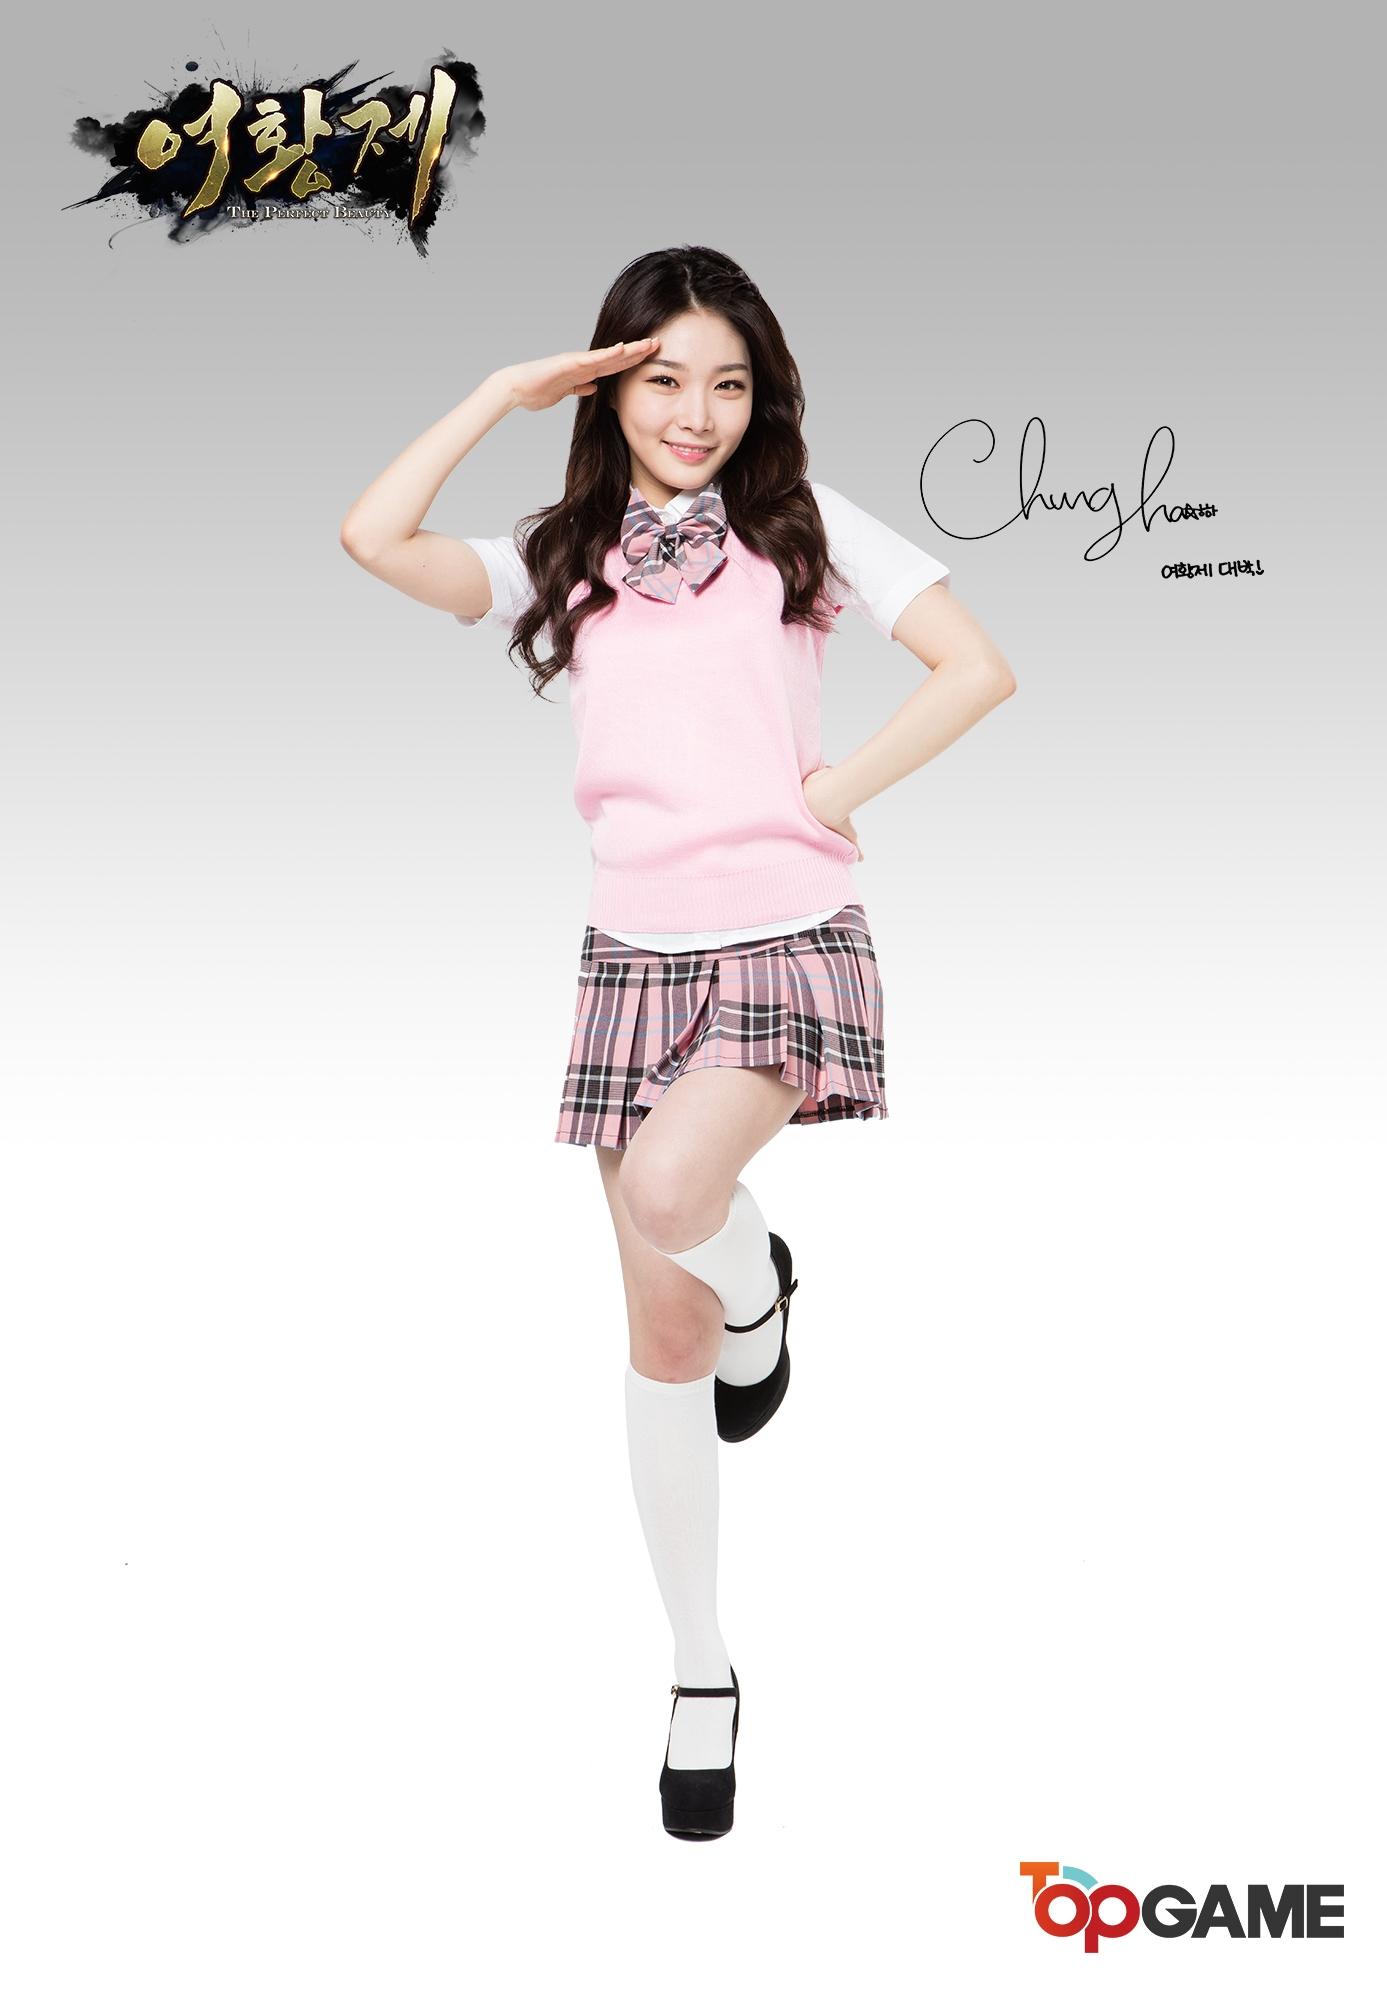 chungha001i